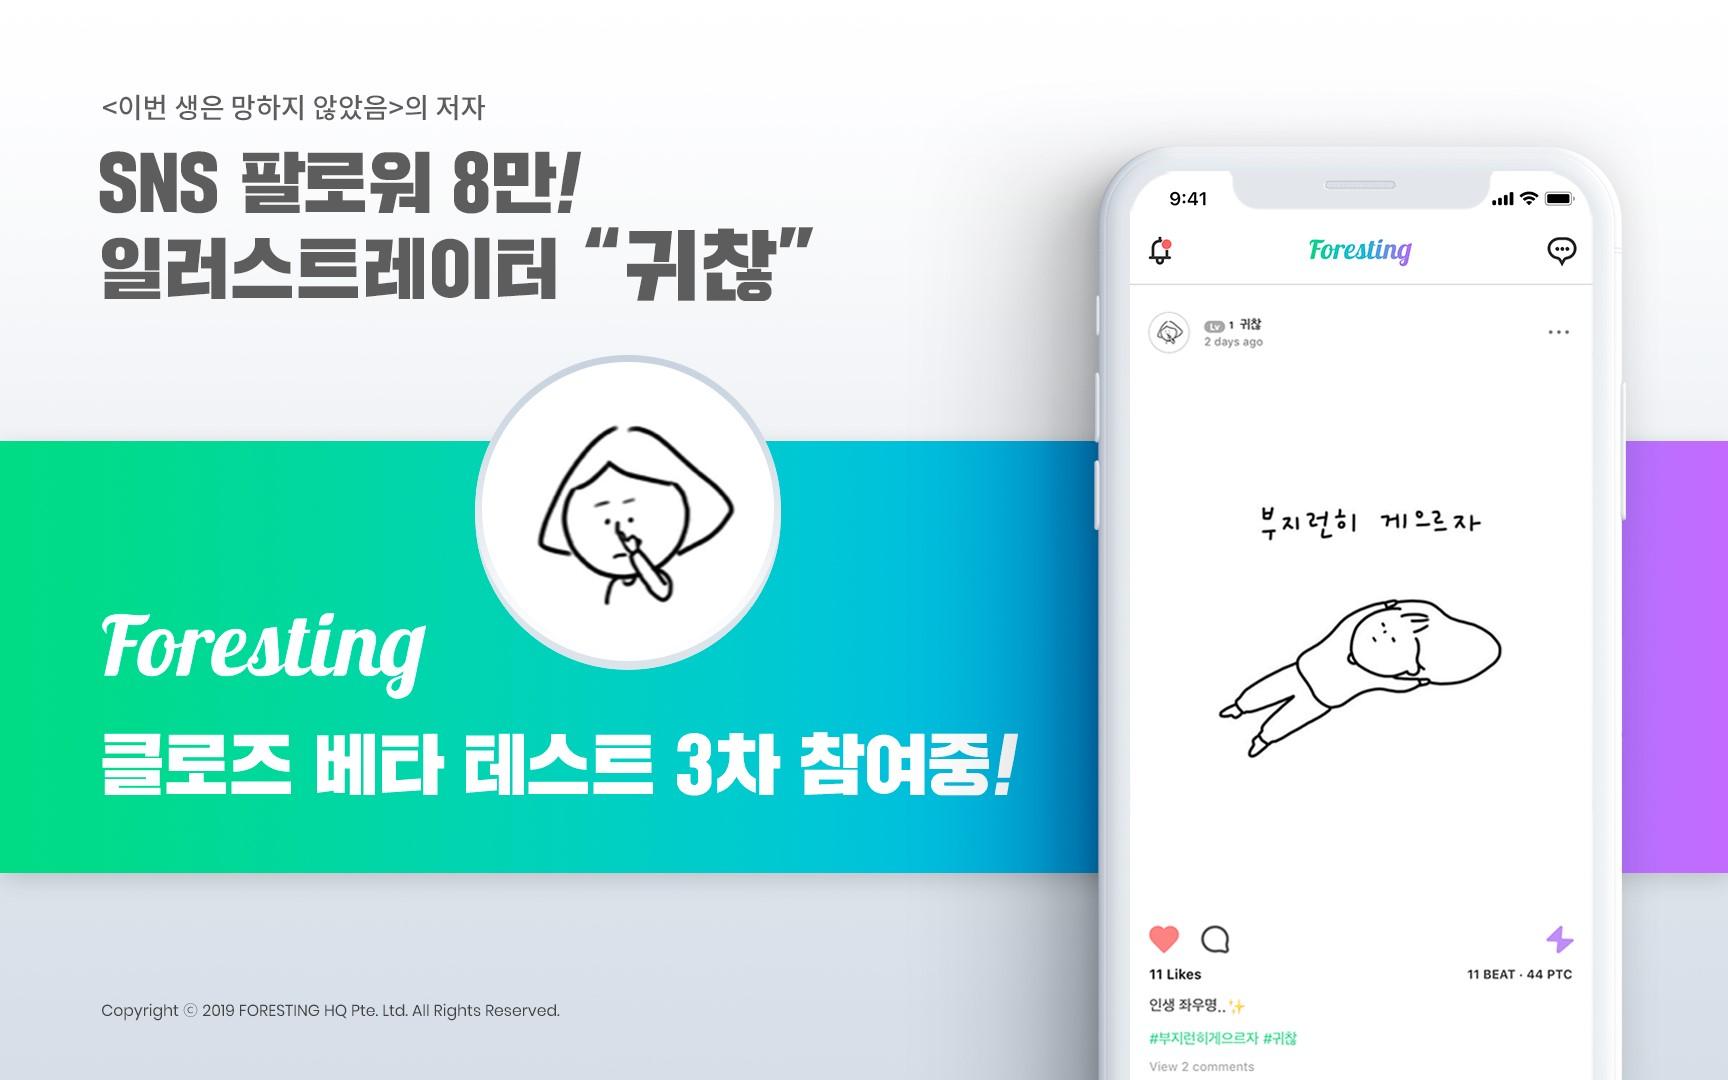 소셜미디어 팔로워 8만명을 보유한 일러스트레이터 '귀찮' 작품